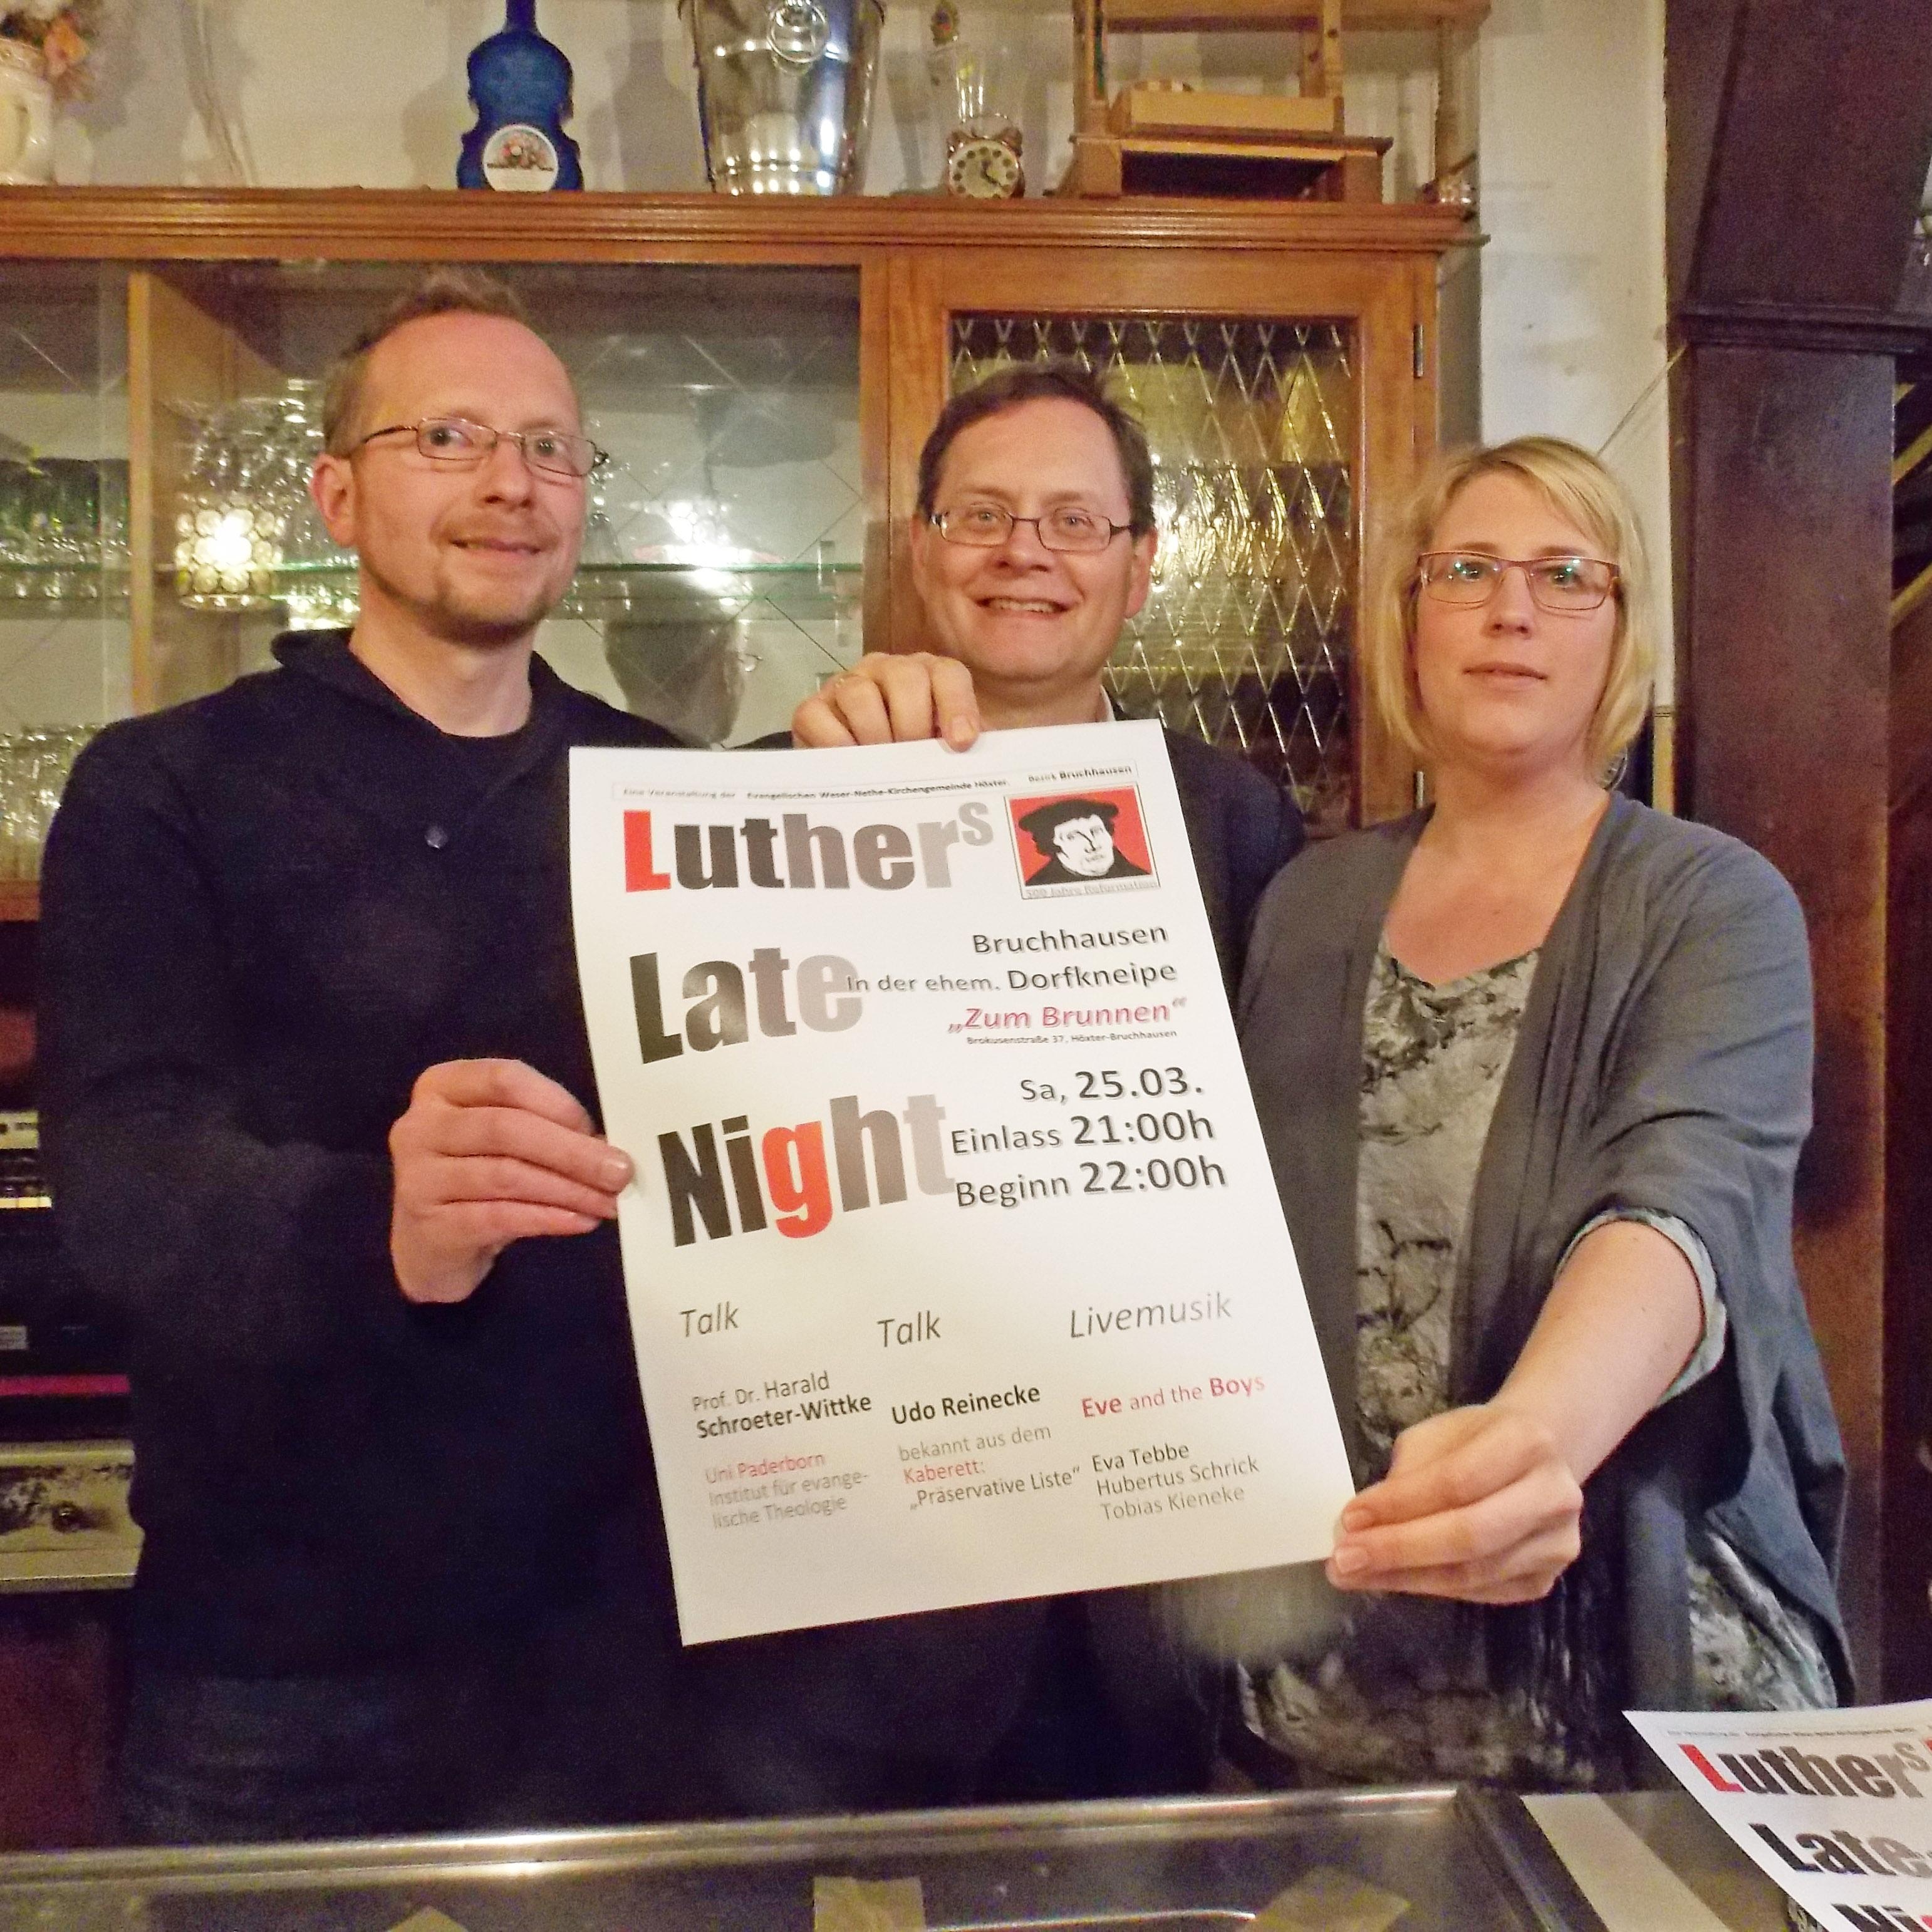 """Livemusik und Talk am 25. März in Bruchhausen Luther-Late-Night in ehemaliger Gaststätte """"Zum Brunnen"""""""